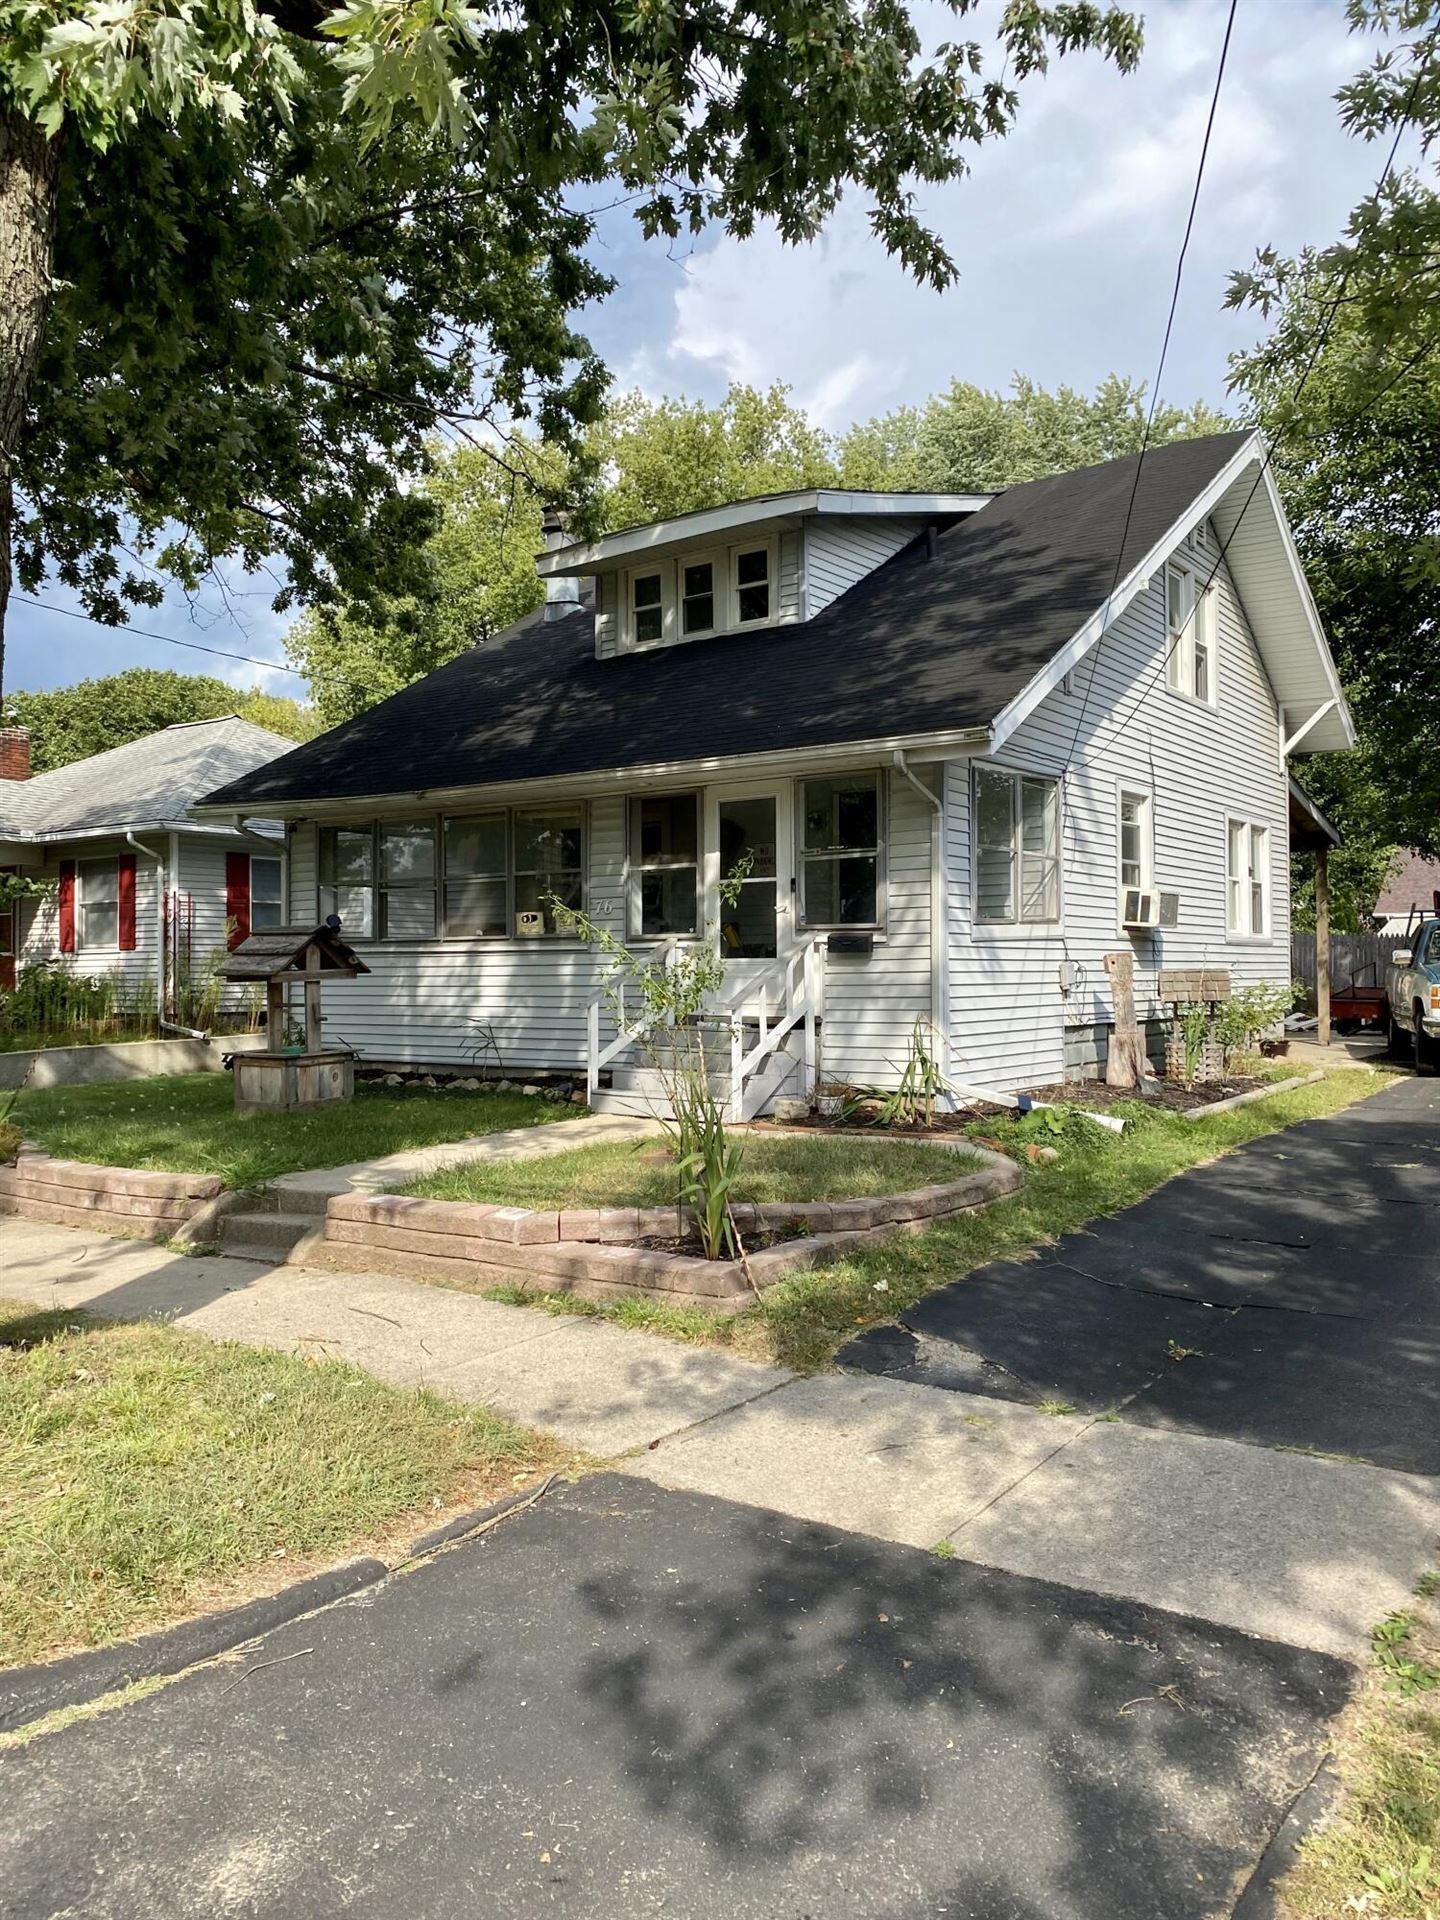 76 E East Ave N, Battle Creek, MI 49017 - MLS#: 21105835